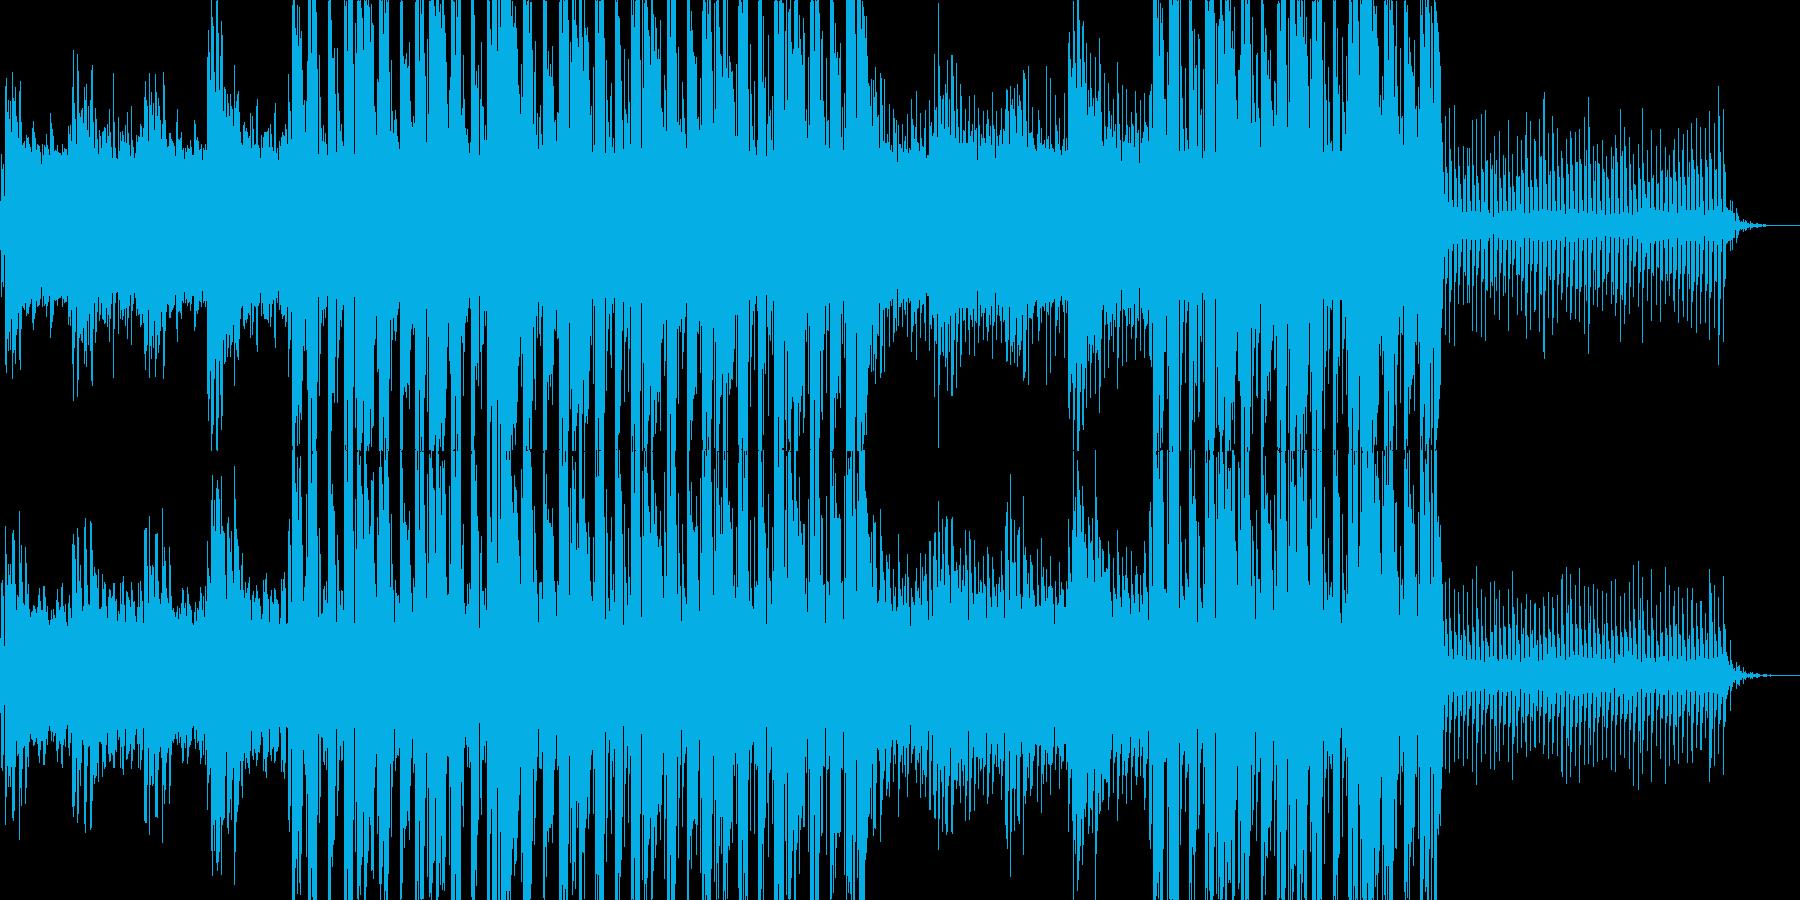 ピアノの旋律とシンセサイザーの音色が綺…の再生済みの波形